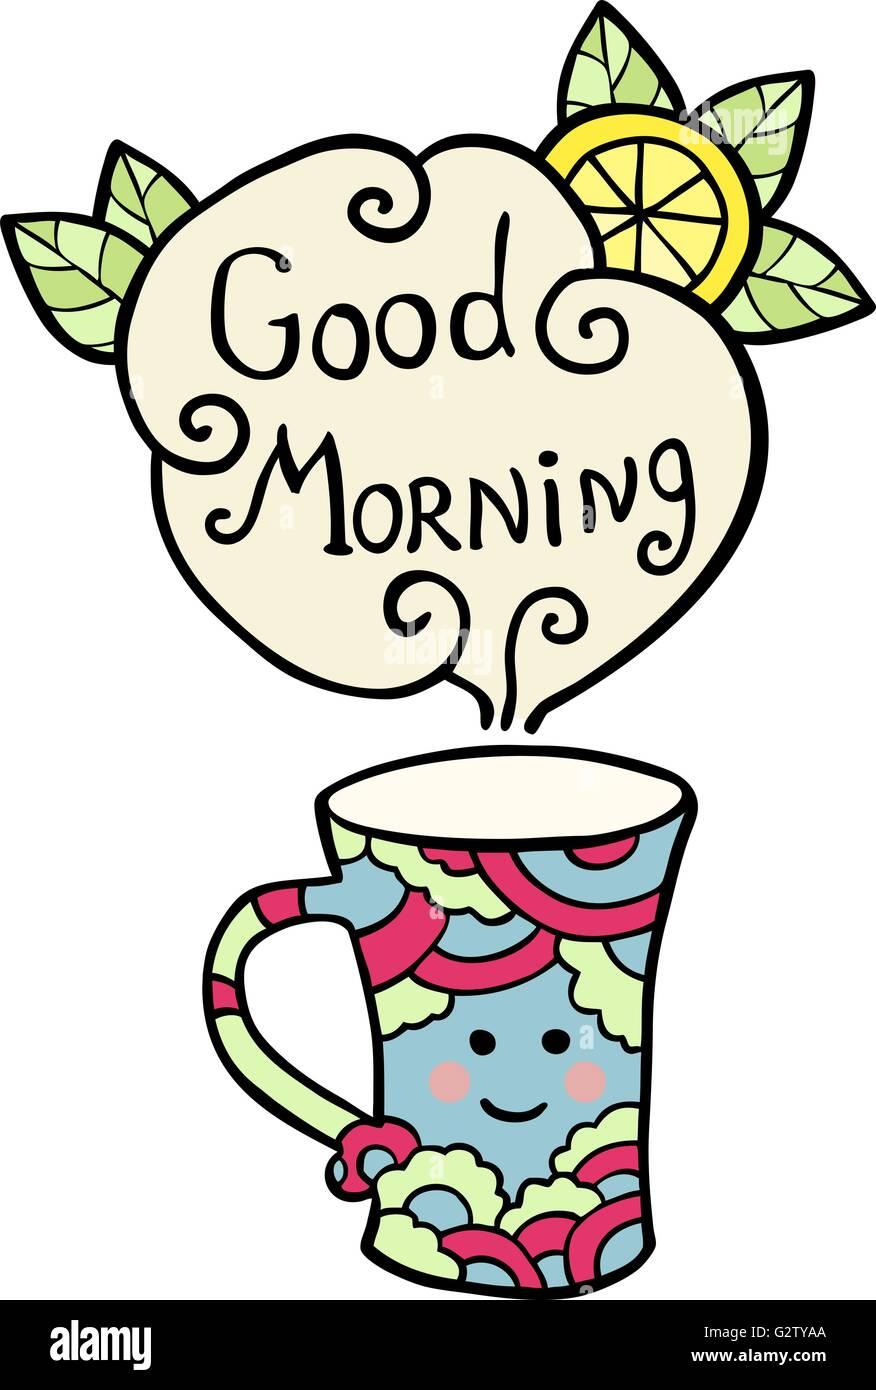 Karte Mit Smiley Tasse Tee Und Text Guten Morgen Vektor